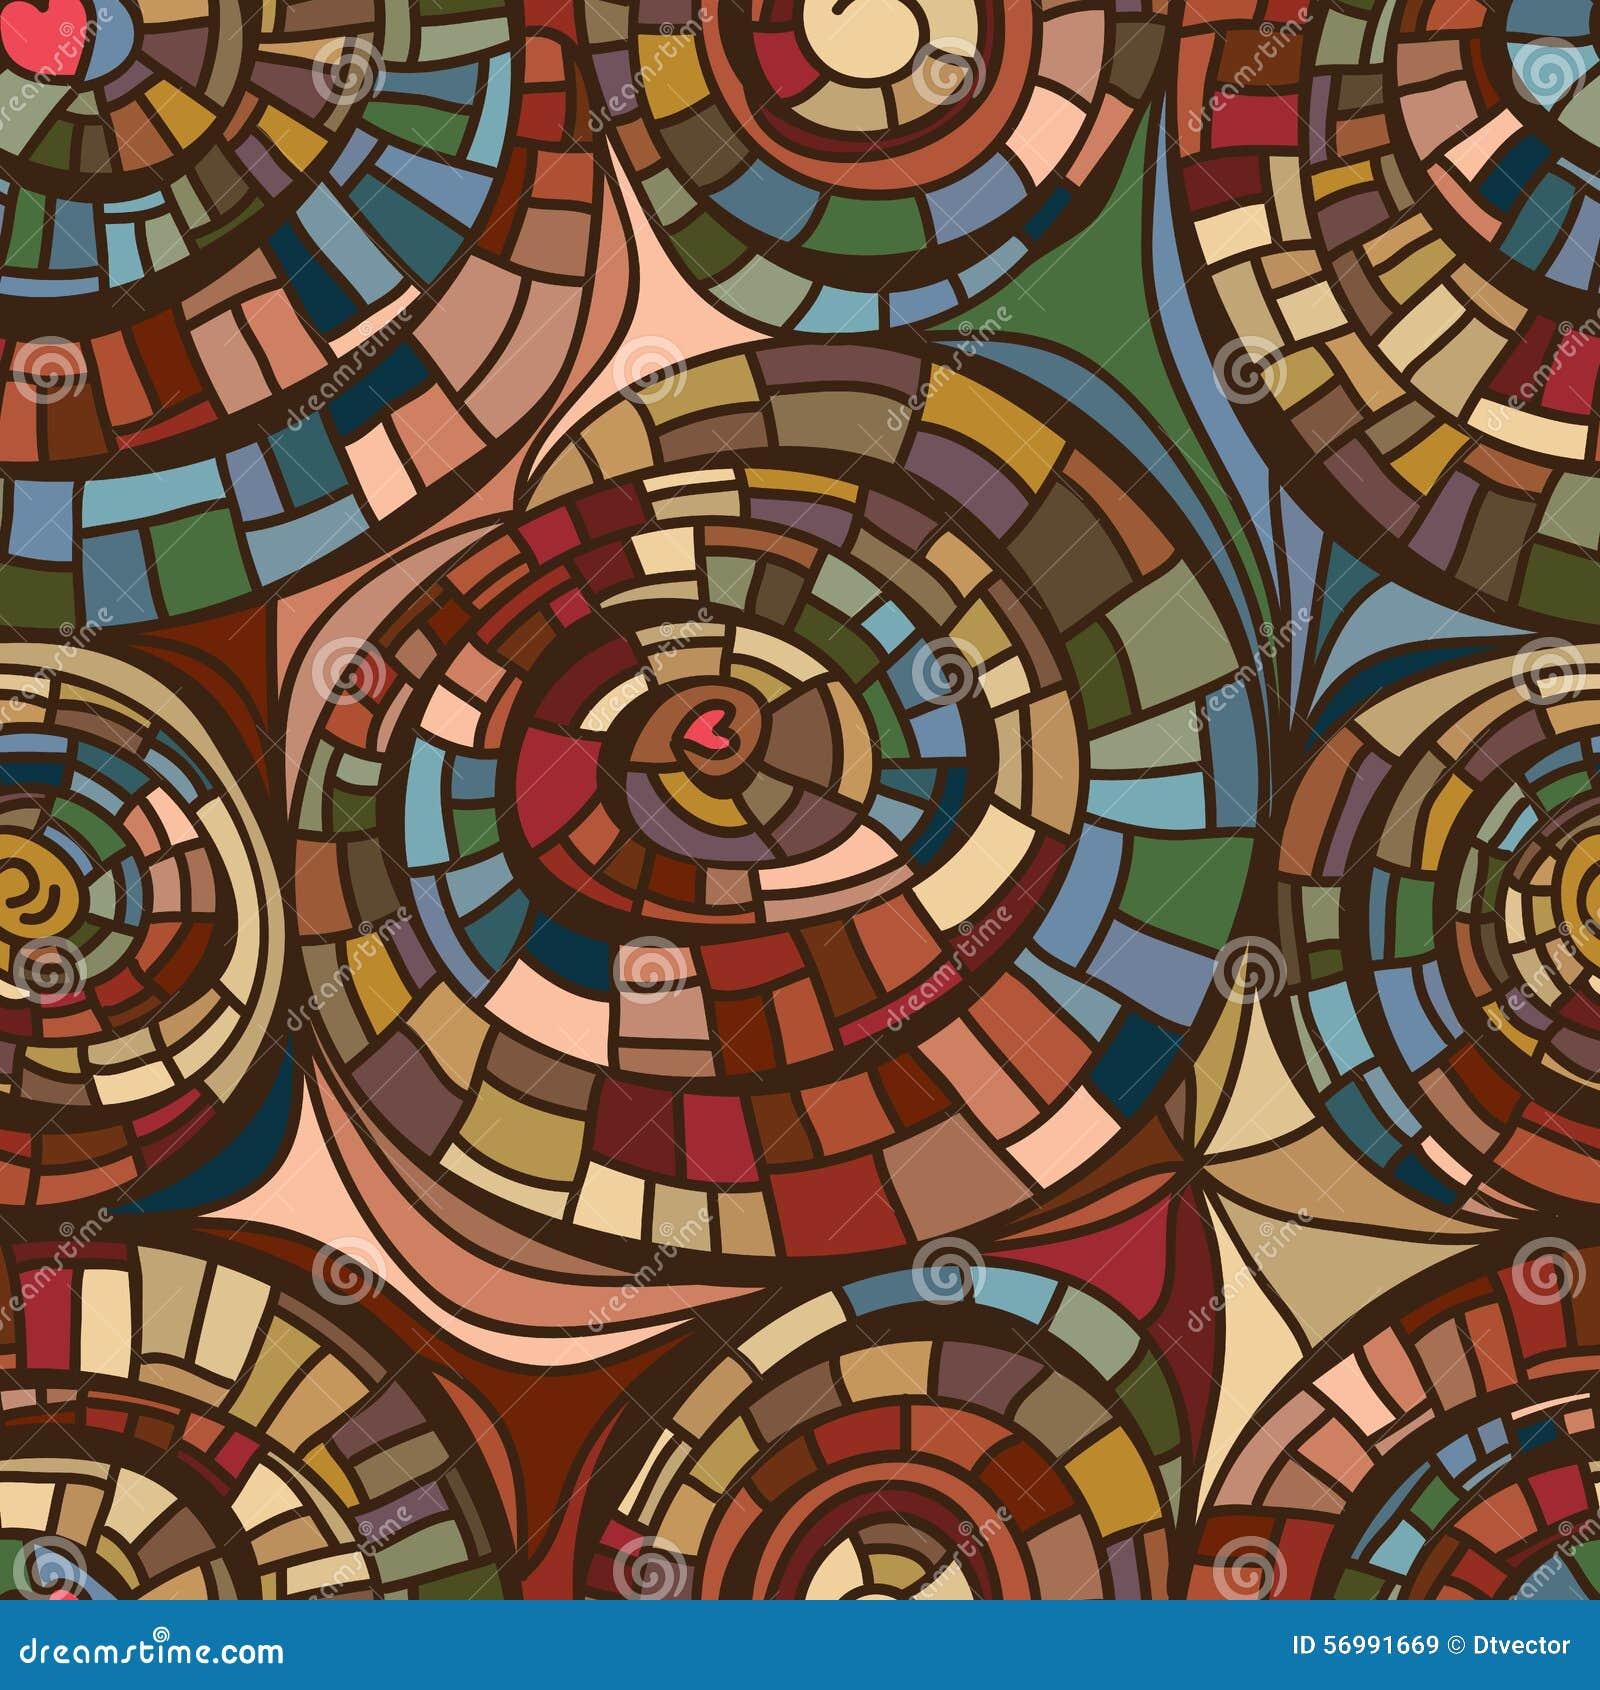 Swirl line drawing seamless pattern